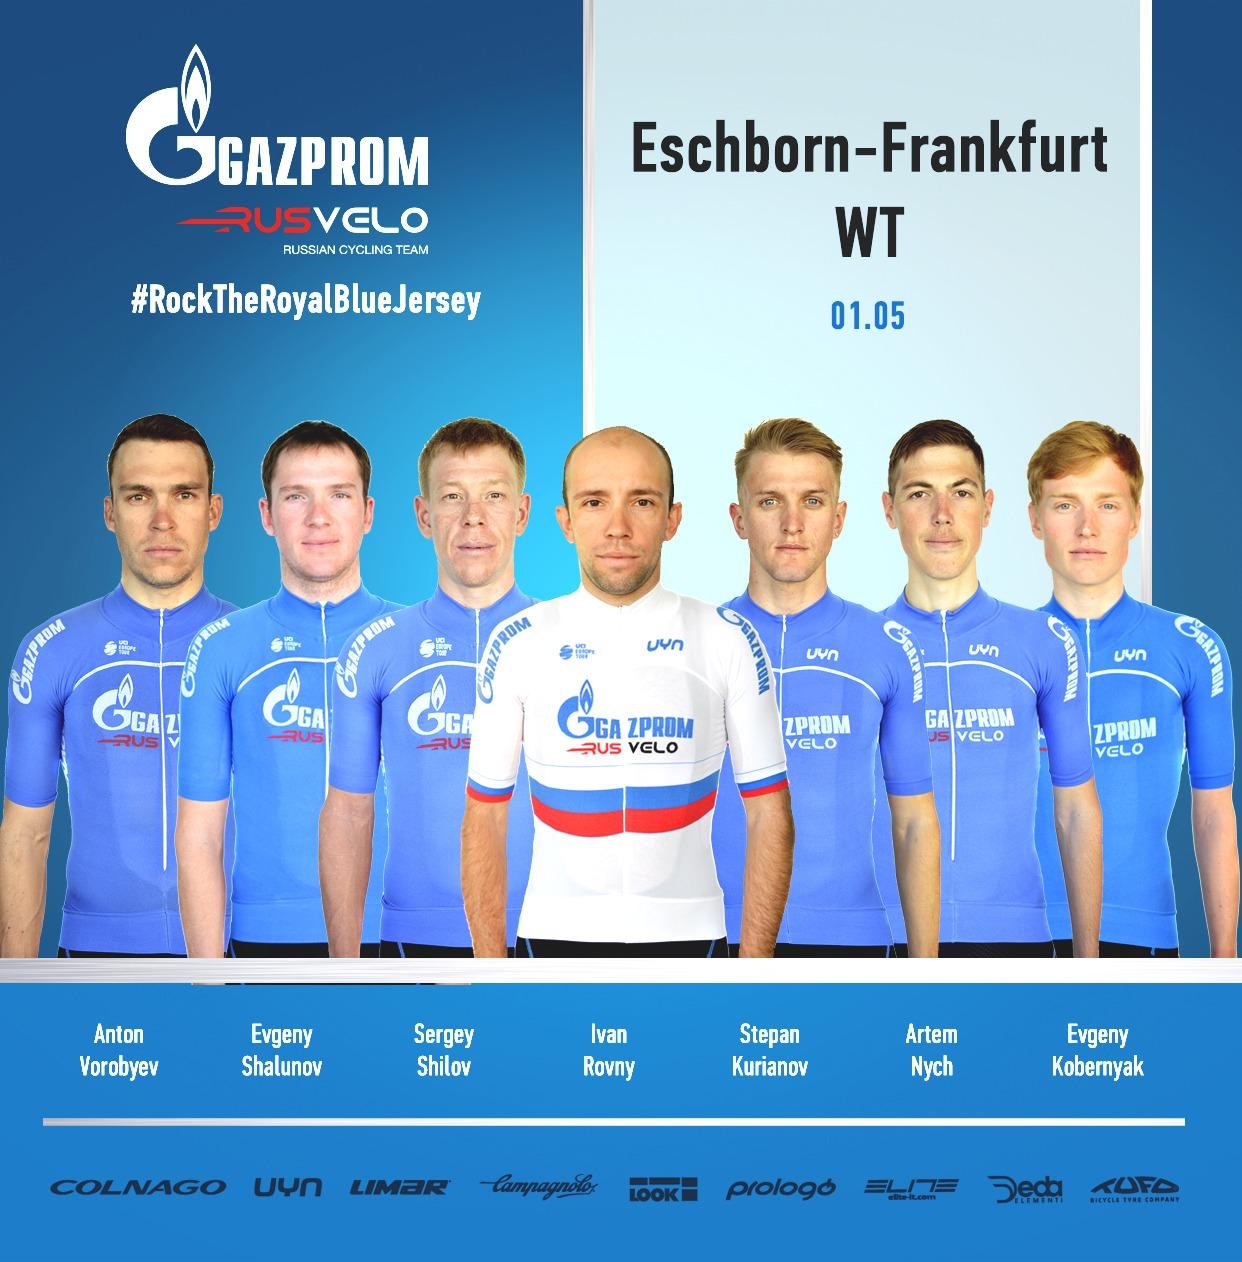 Gazprom-RusVelo Eschborn-Frankfurt 2019